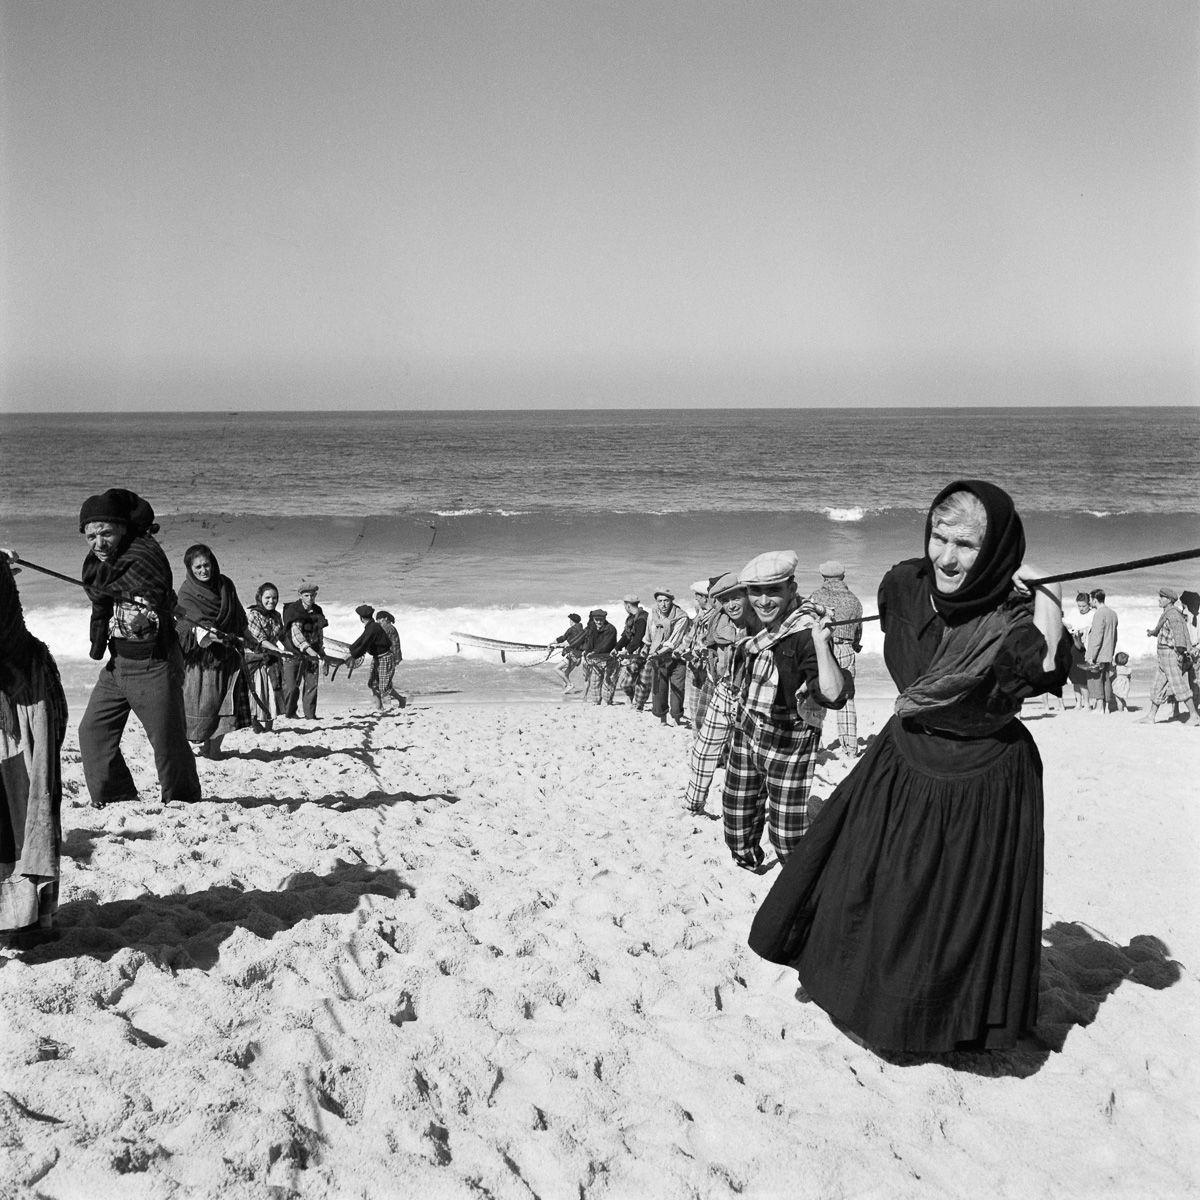 Fotografias deslumbrantes capturam a cultura da pesca dos anos 50 em Portugal 14